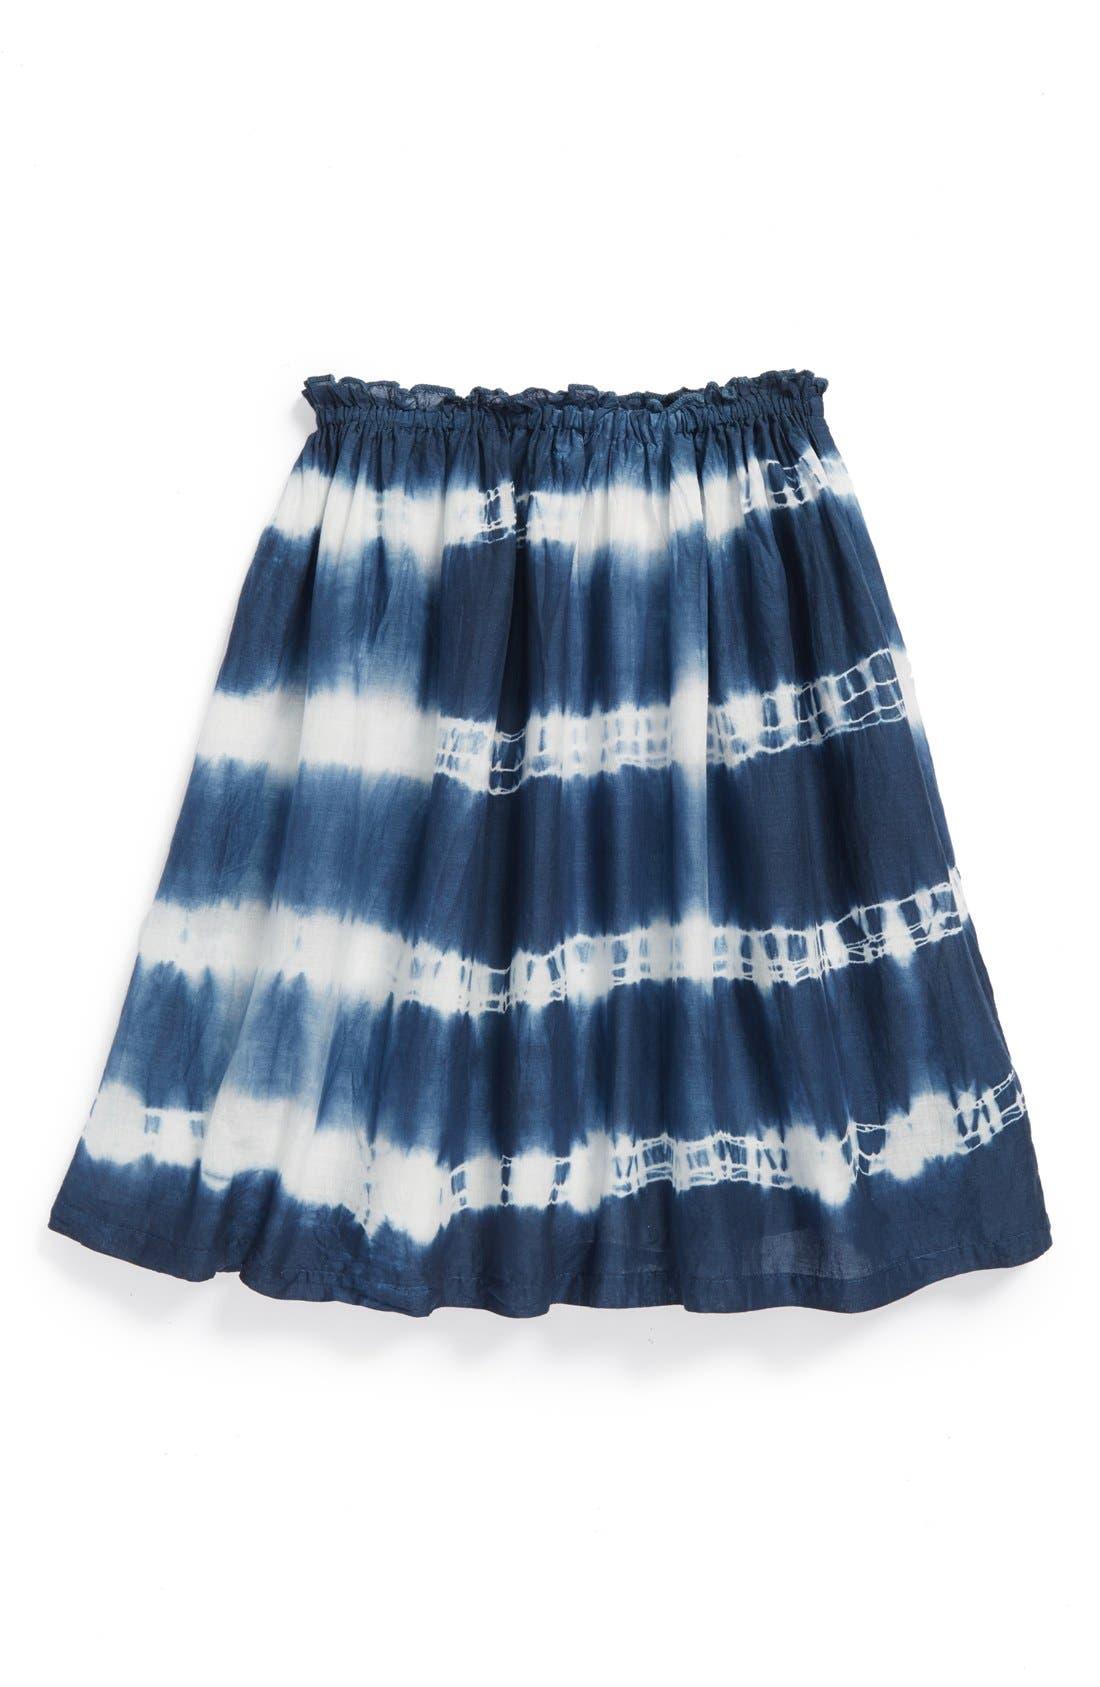 Main Image - Peek 'Festival' Tie Dye Cotton Skirt (Toddler Girls, Little Girls & Big Girls)